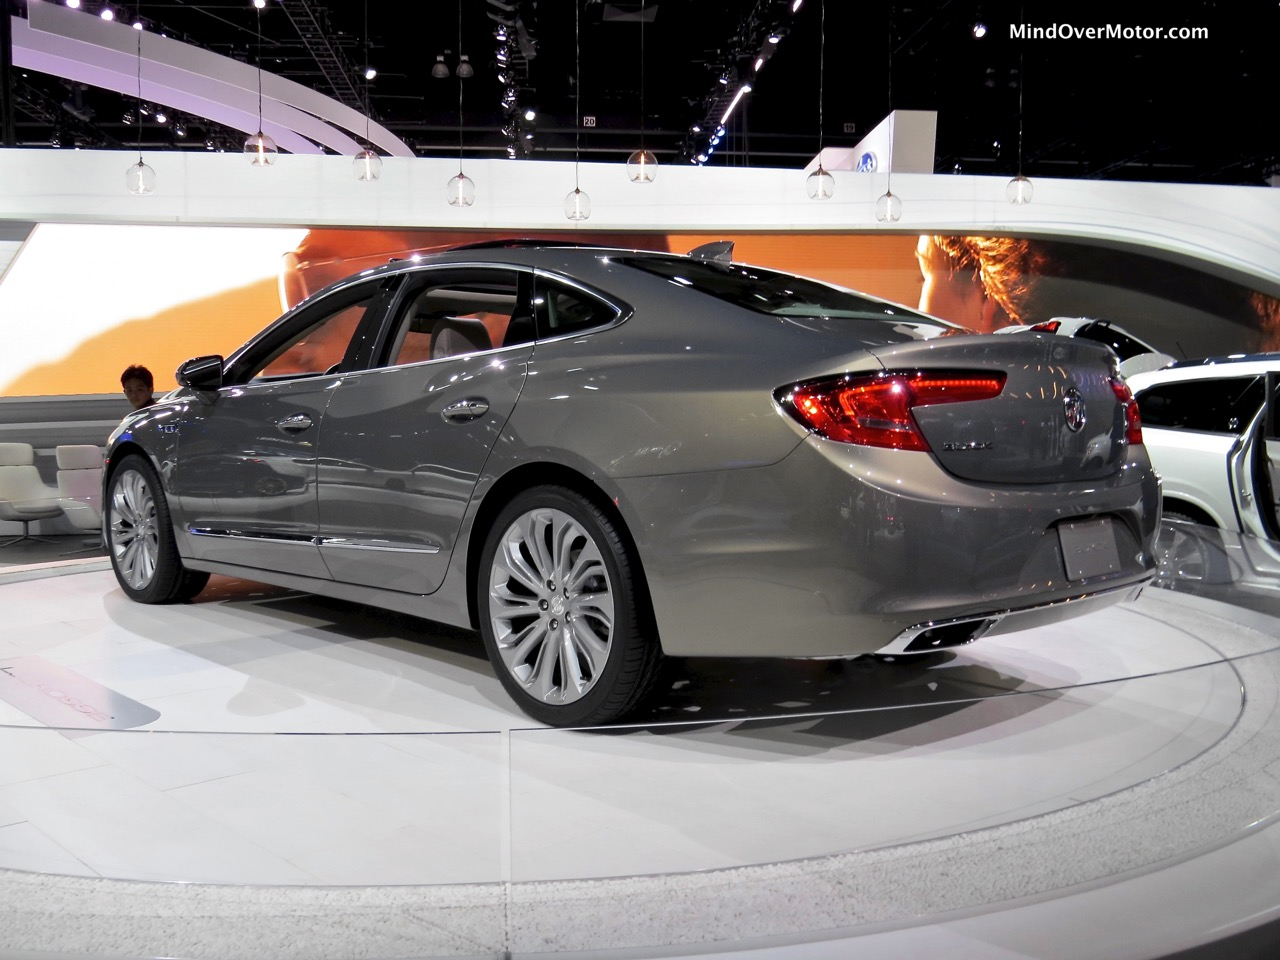 Buick LaCrosse Rear Side